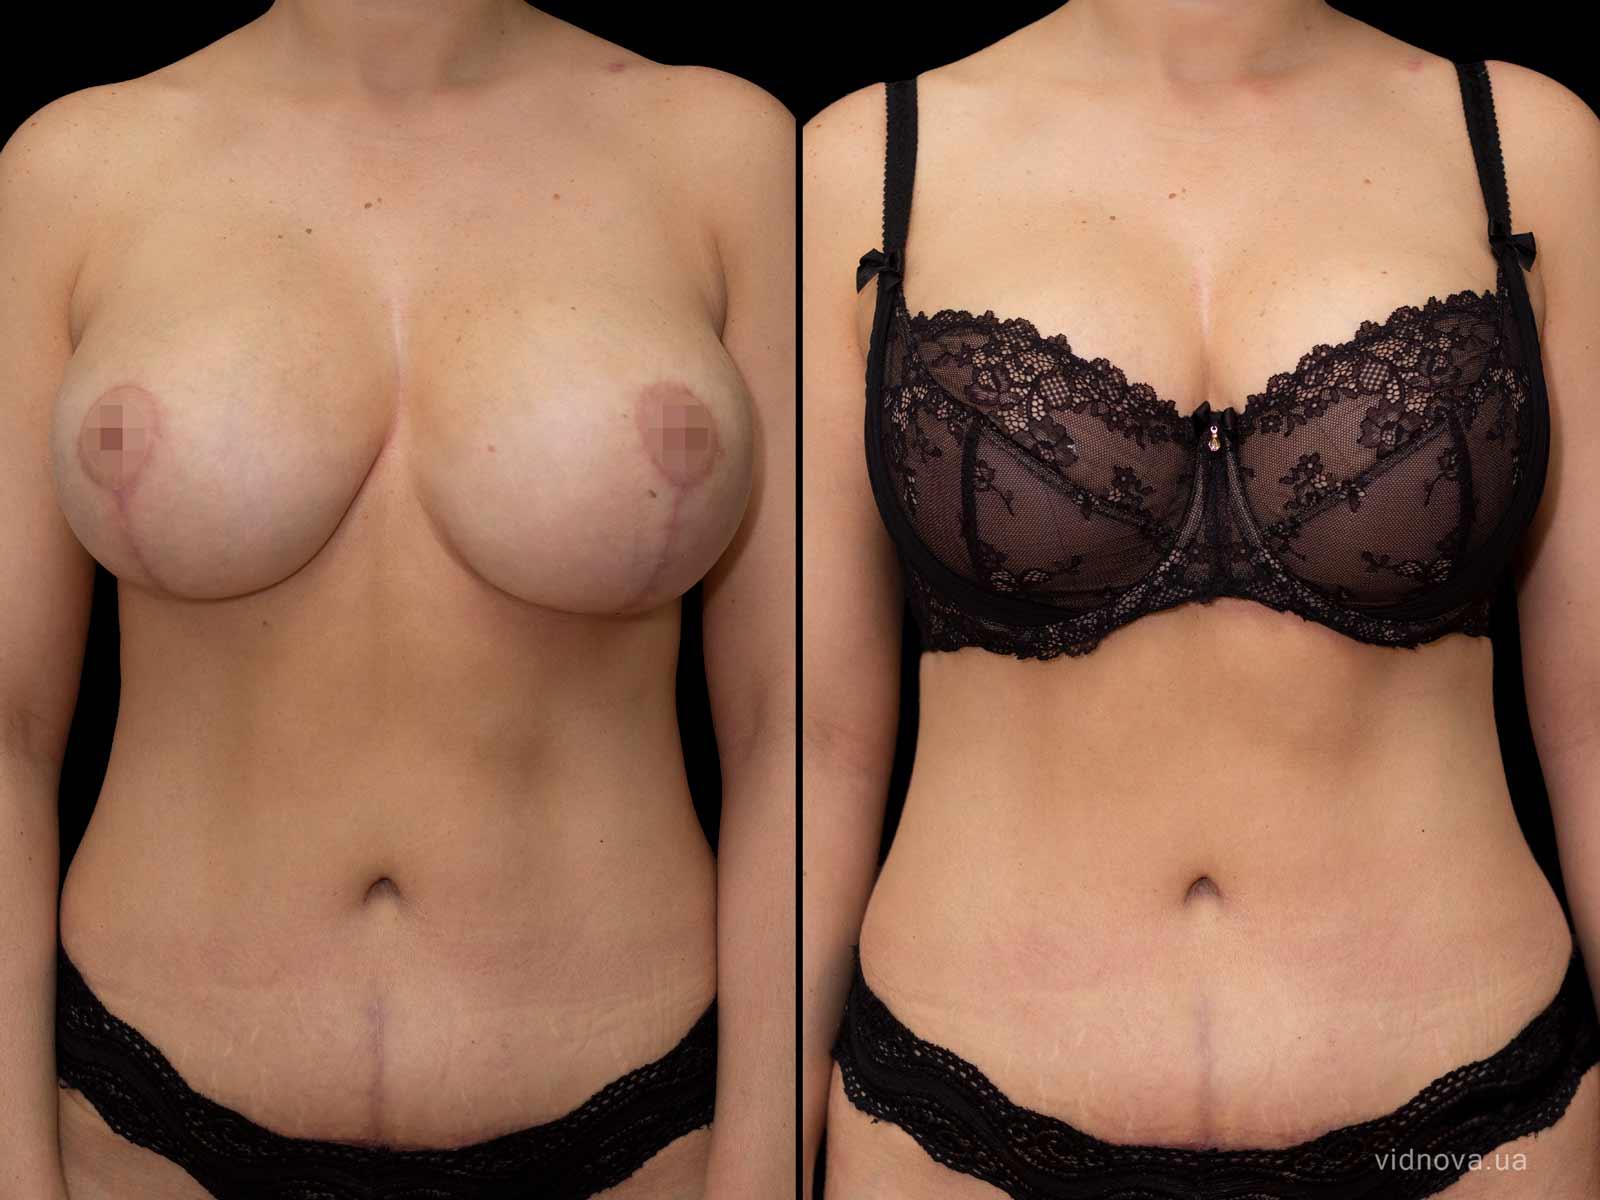 Пластика груди: результаты до и после - Пример №88-0 - Светлана Работенко